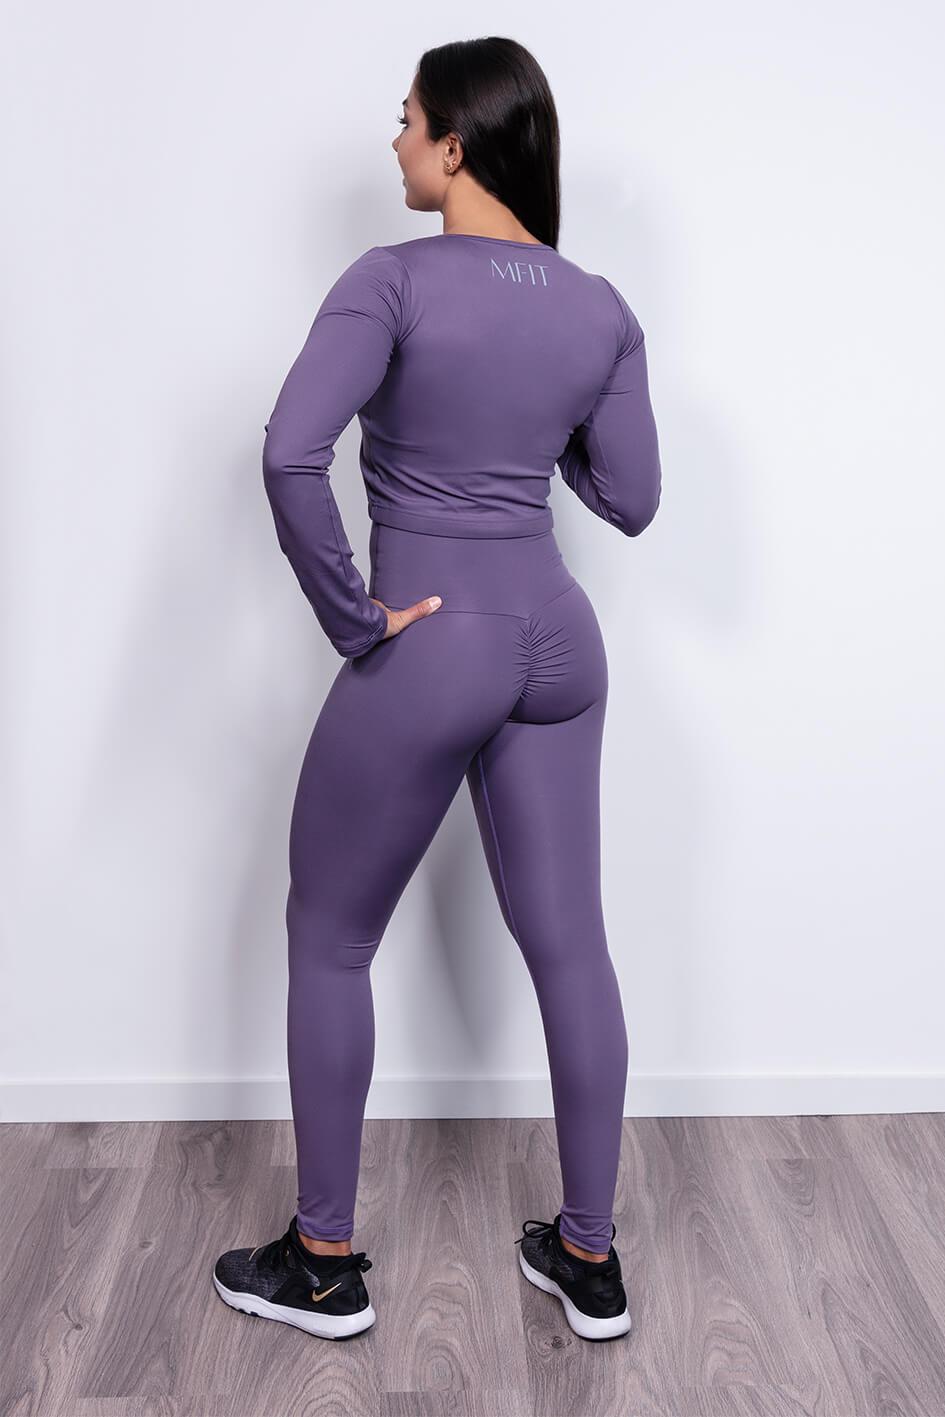 MFIT Shaper 2.0 Lilac